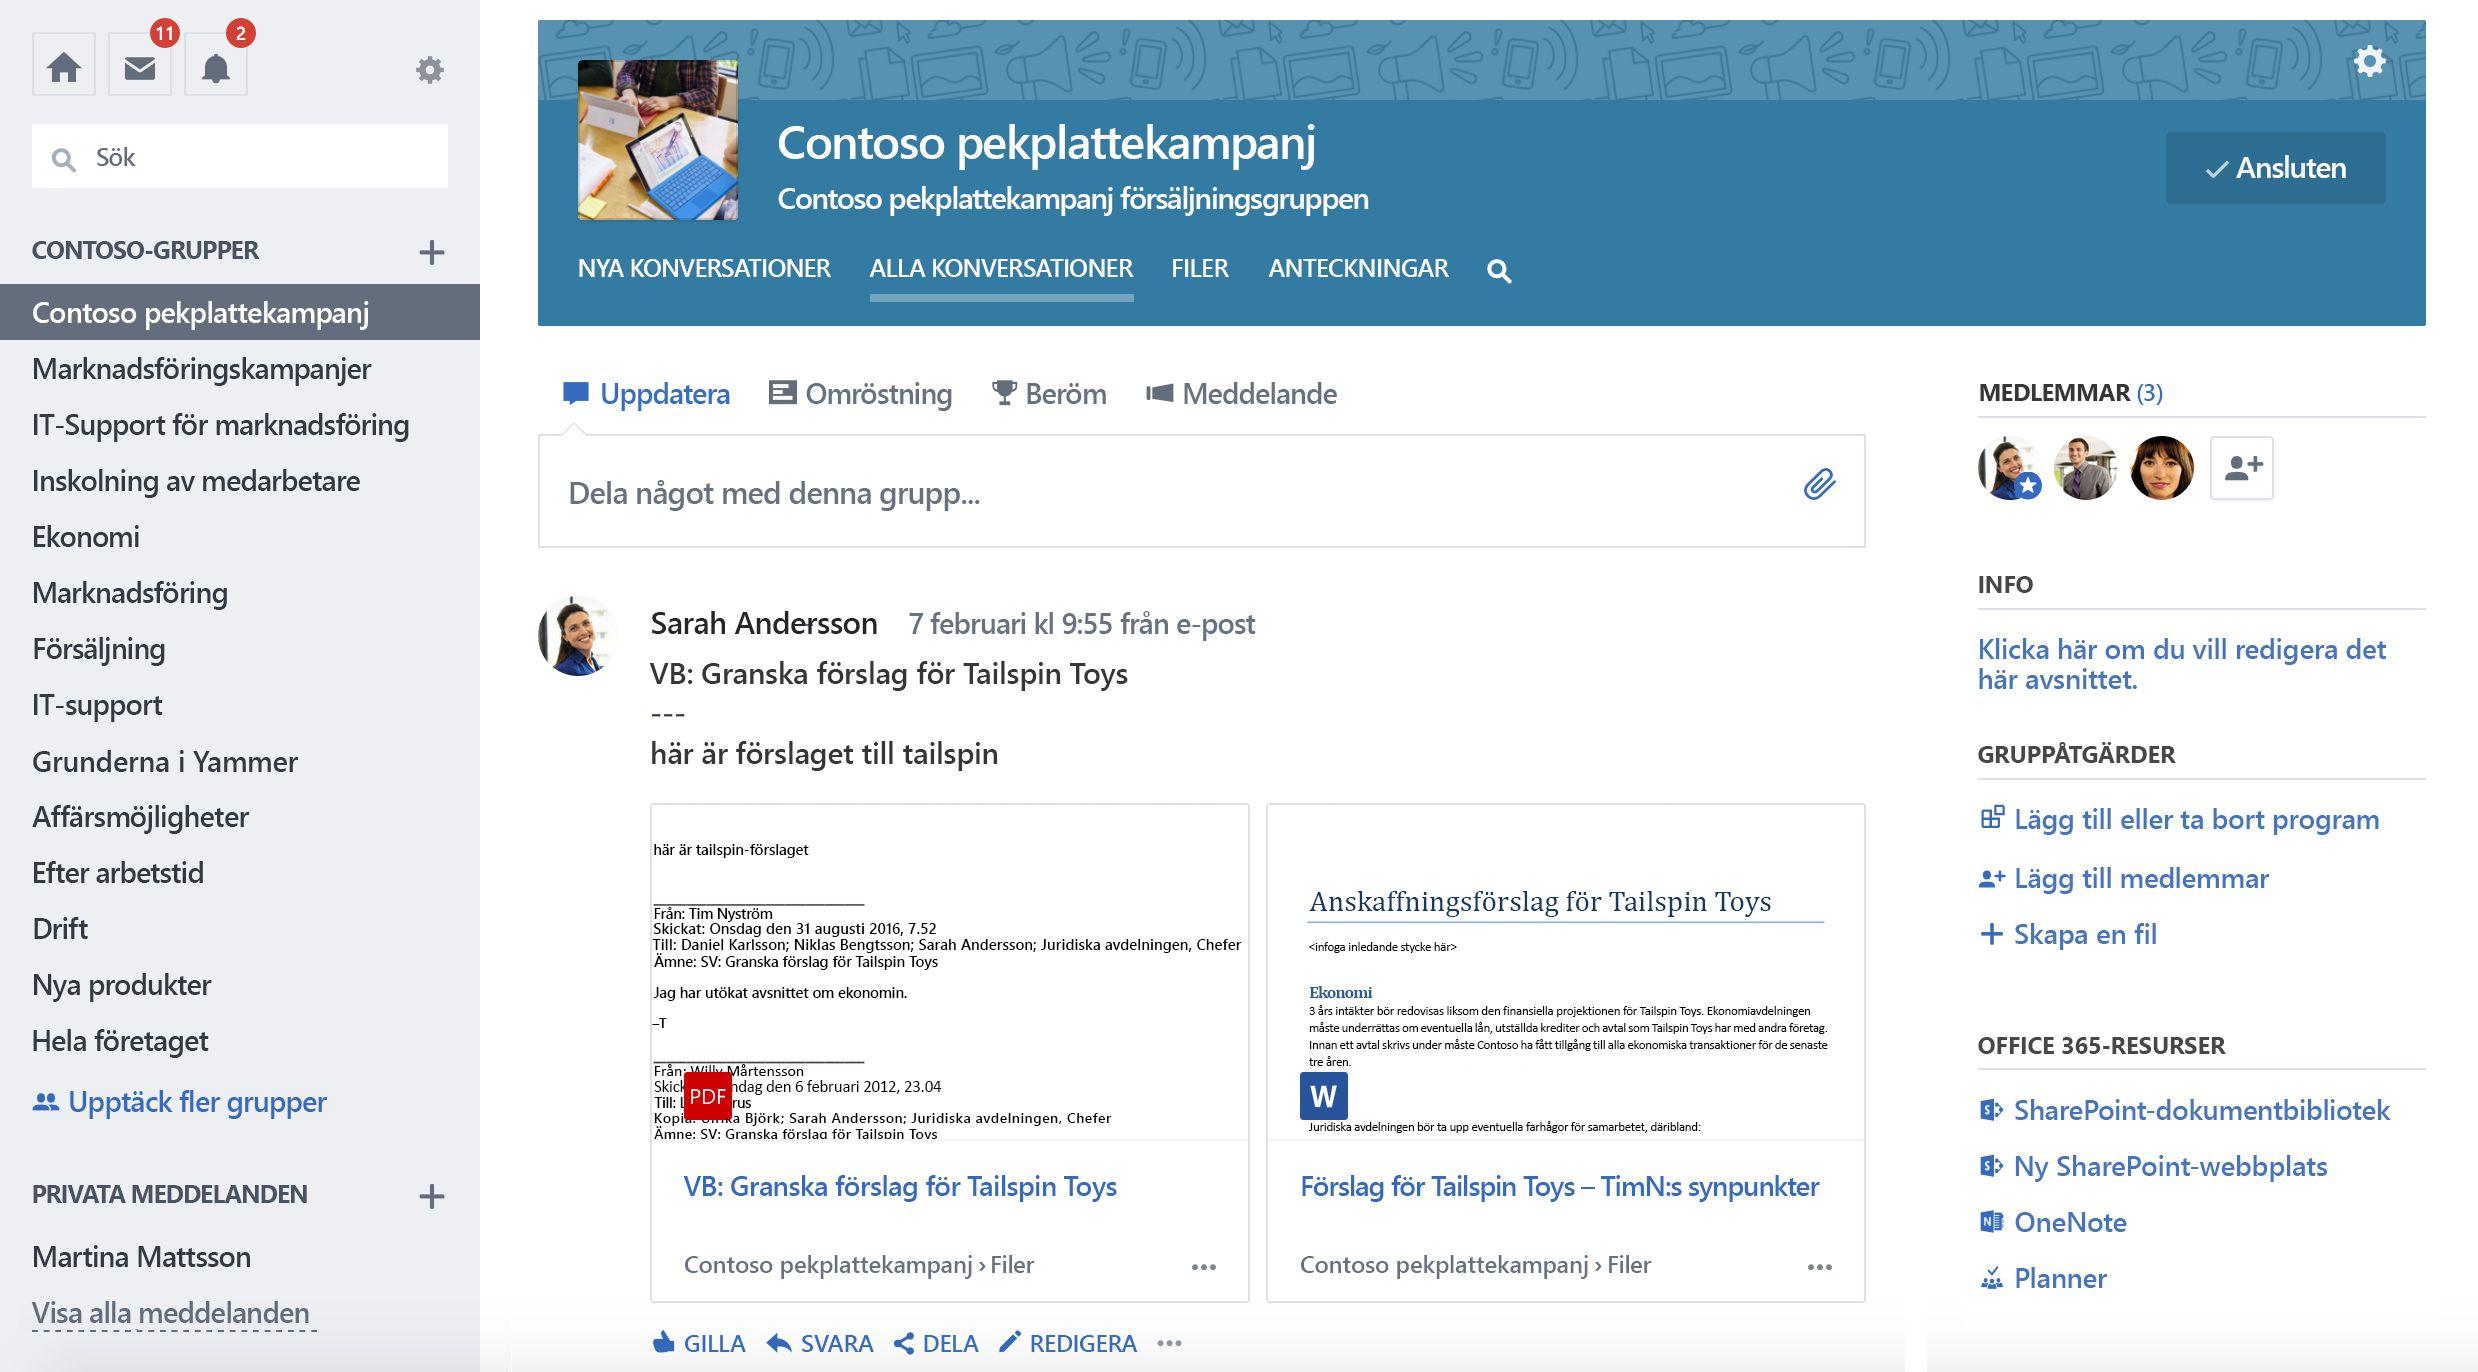 Skärmbild av Office 365 ansluten Yammer gruppkonversationer